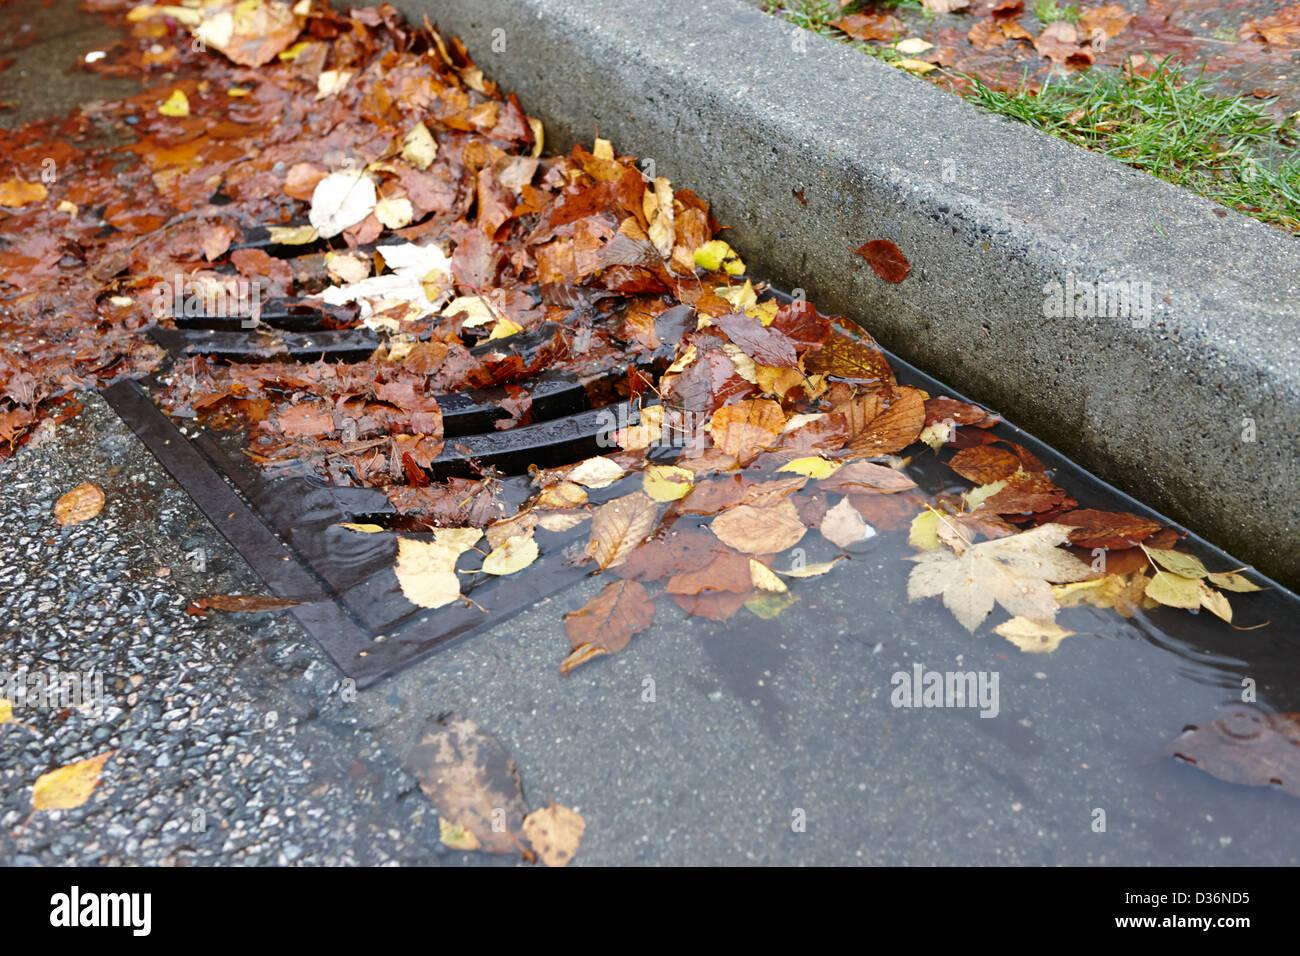 Le blocage des feuilles mortes de l'écoulement des eaux pluviales vidanger Vancouver BC Canada Photo Stock